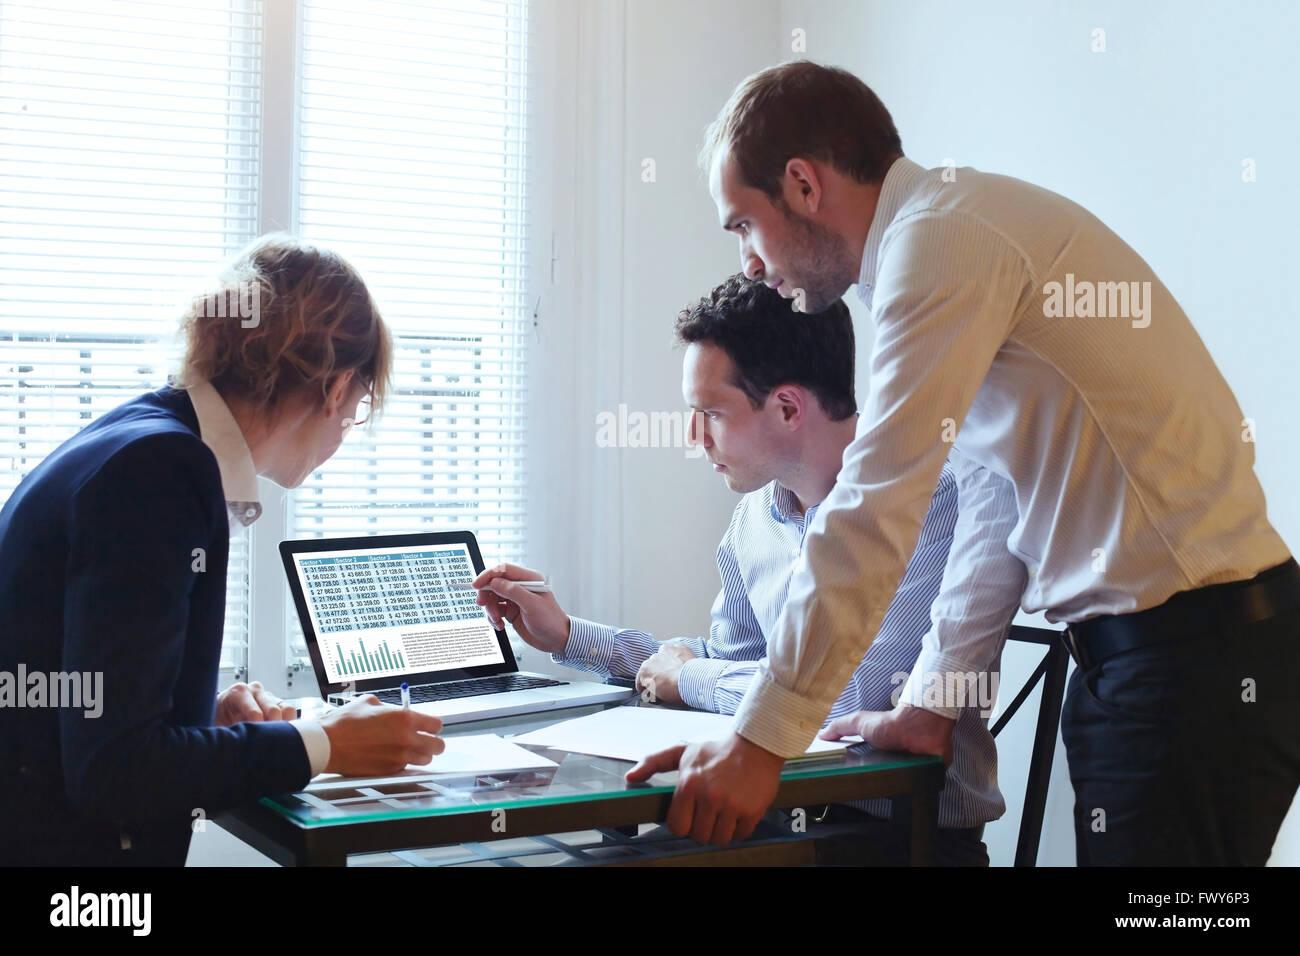 Il lavoro di squadra, meeting aziendali, il team di lavoro sul piano finanziario Immagini Stock